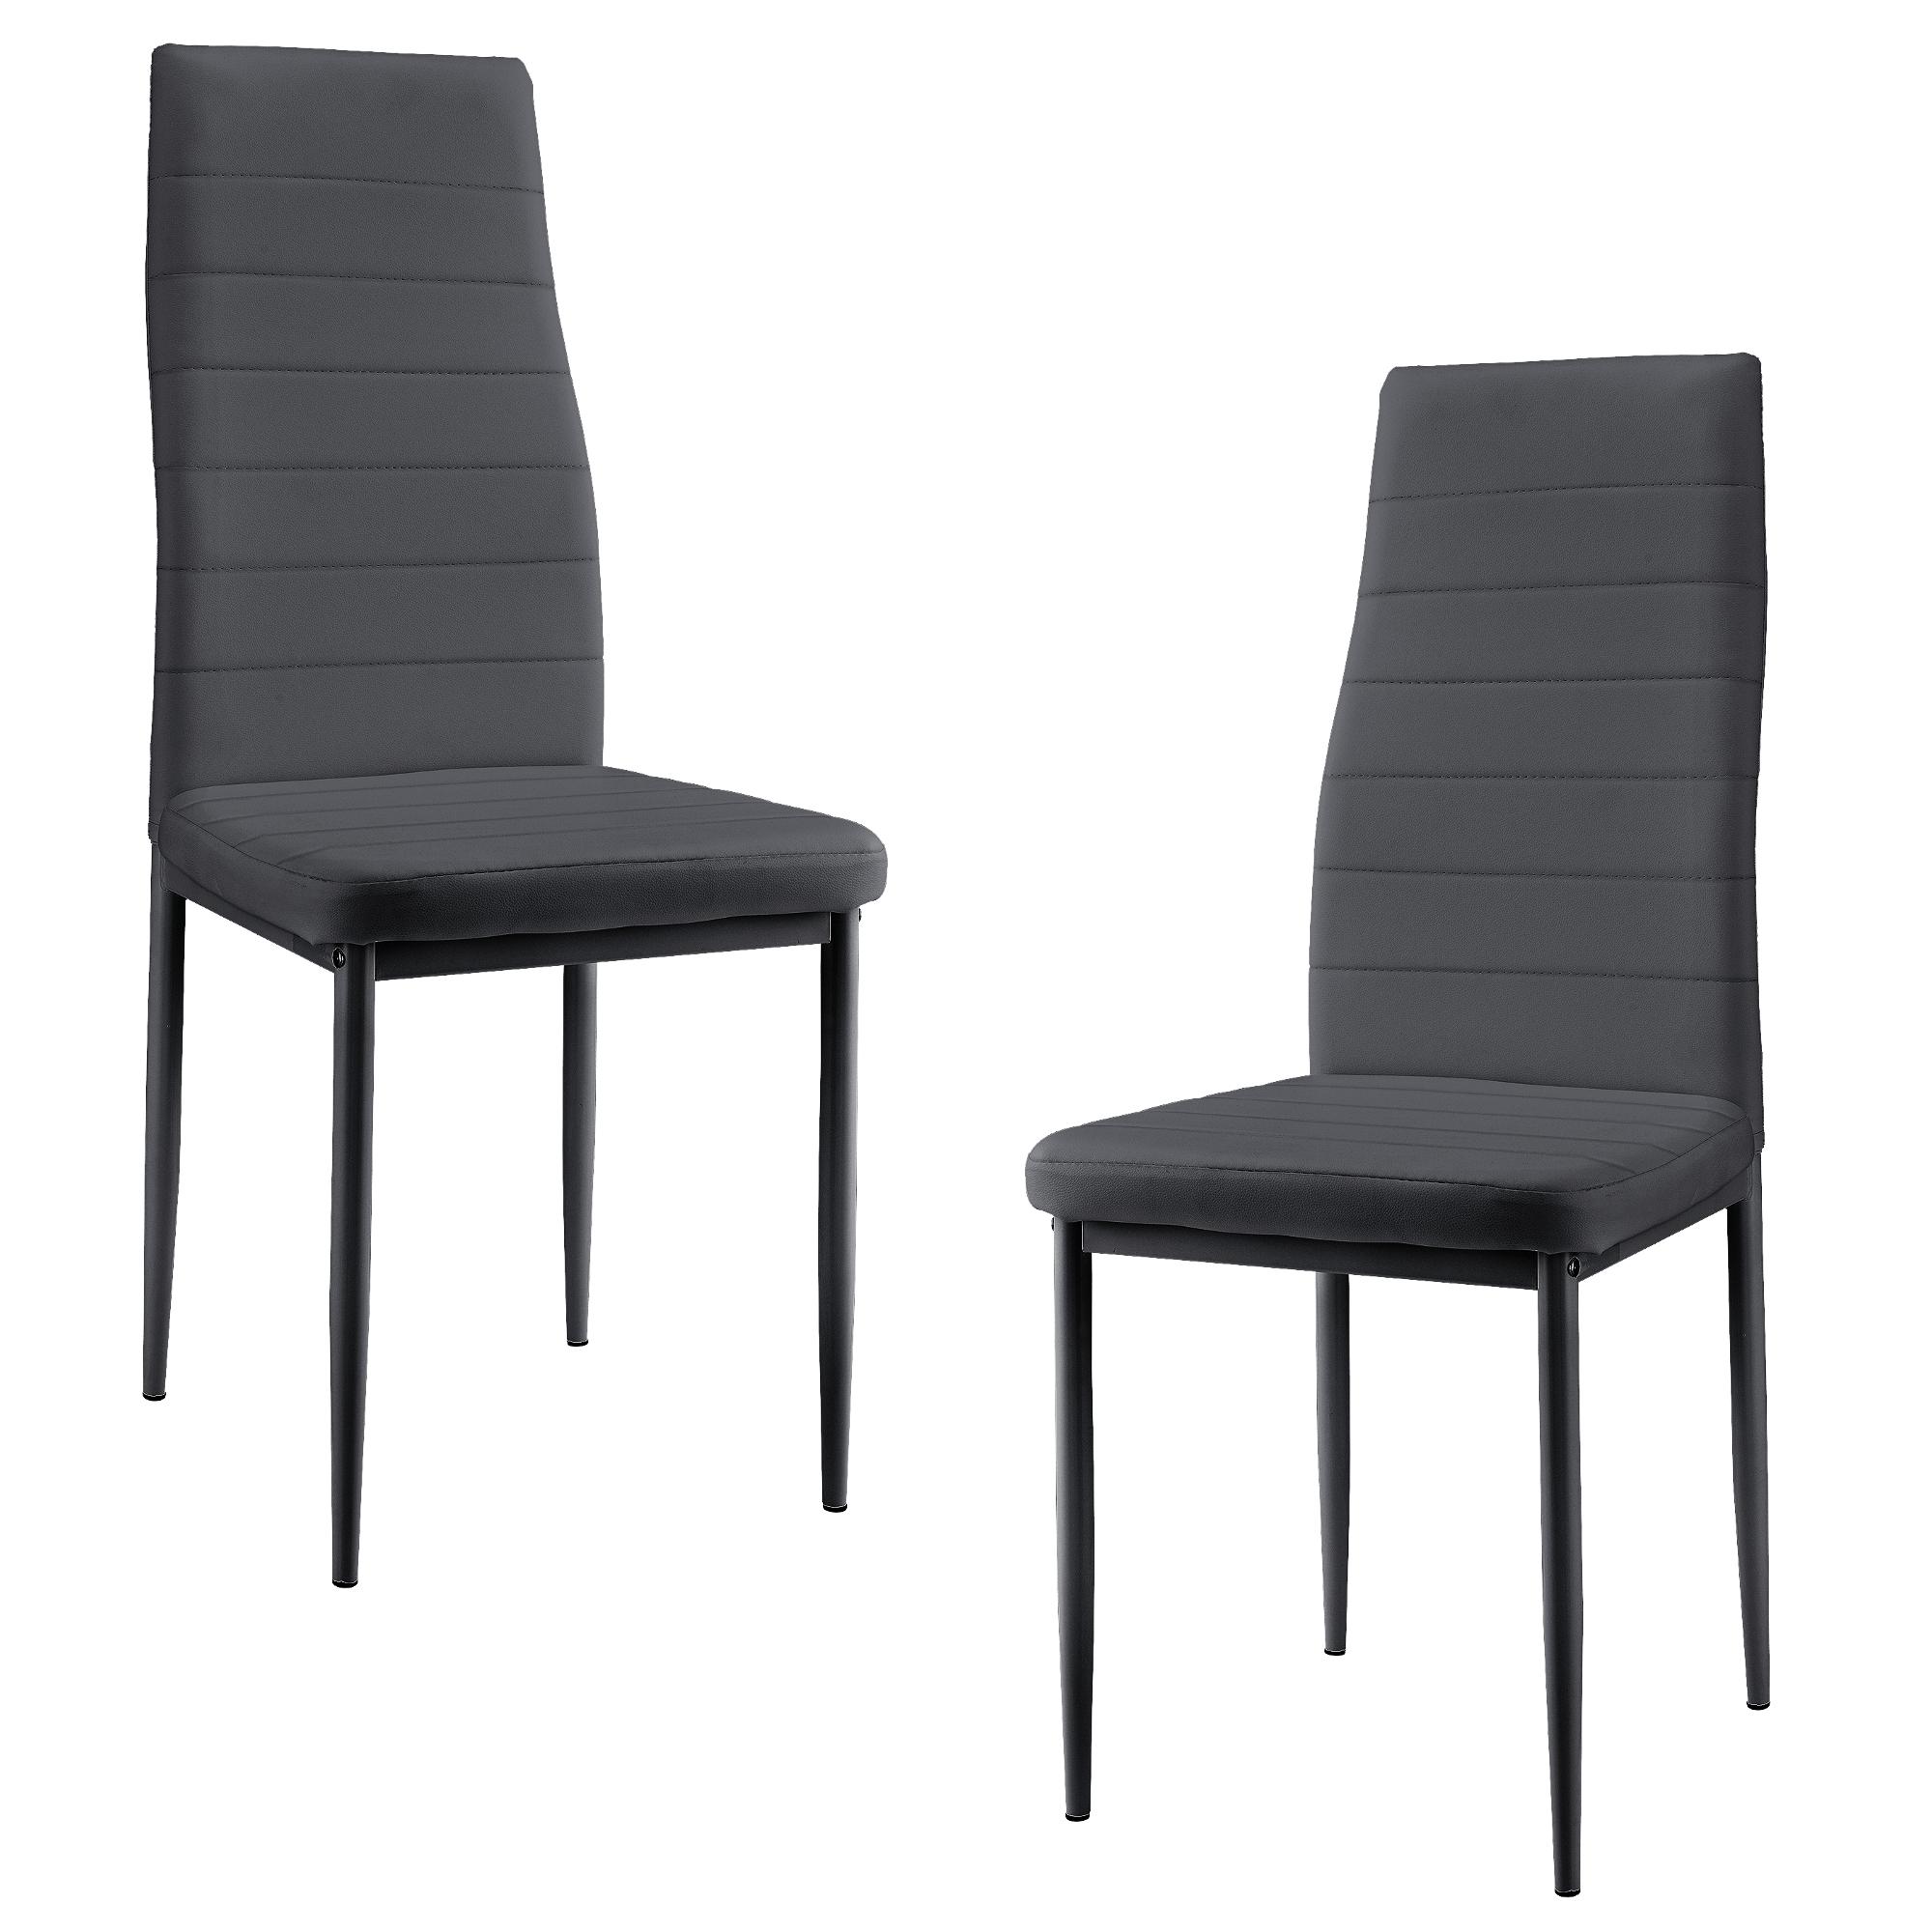 esszimmerstuhl 2er set wohnzimmer k chenstuhl esszimmer st hle ebay. Black Bedroom Furniture Sets. Home Design Ideas